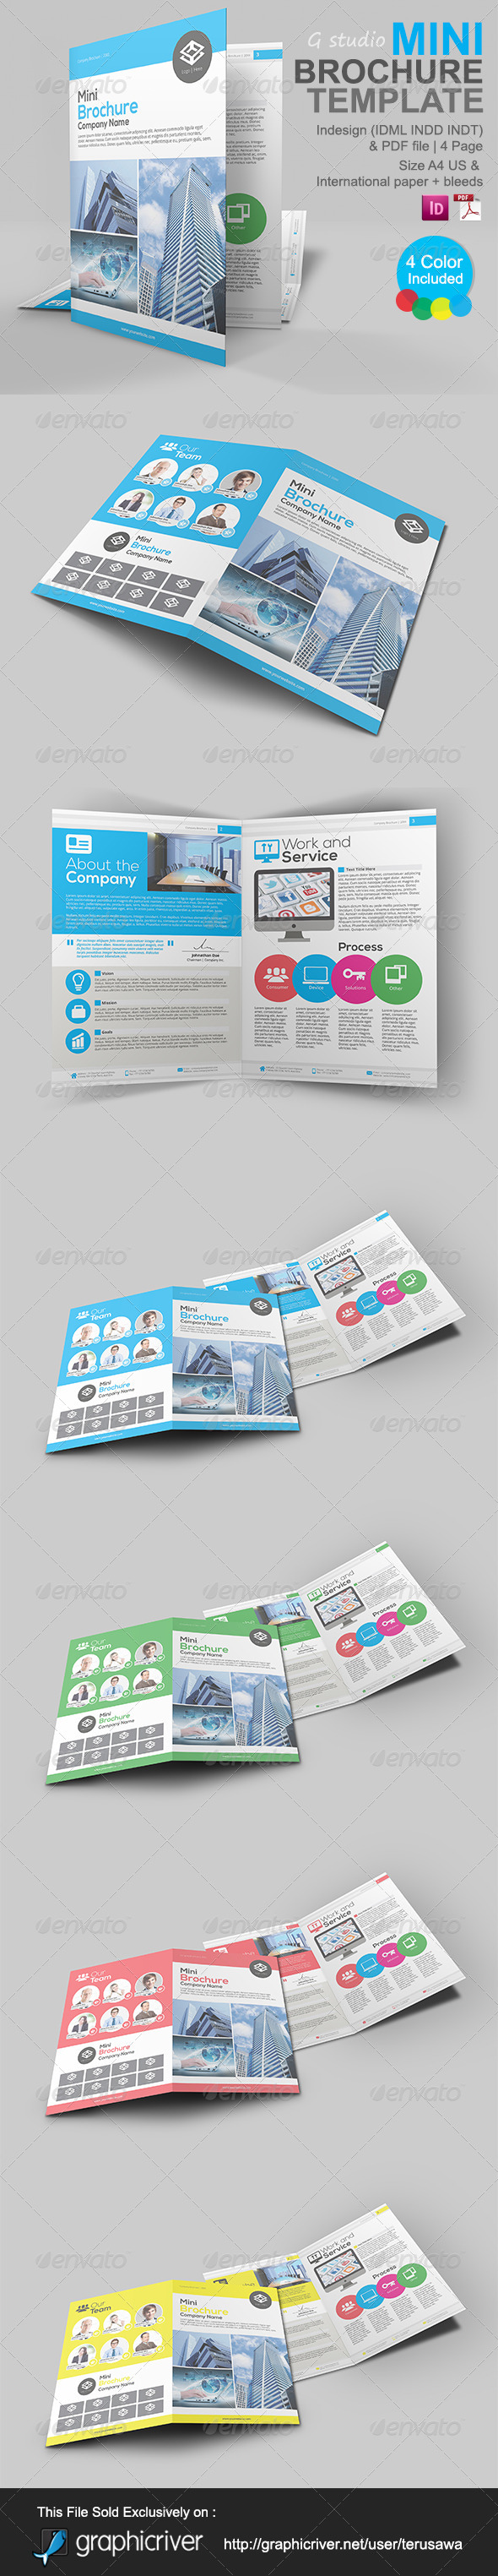 Gstudio Mini Brochure Template - Corporate Brochures